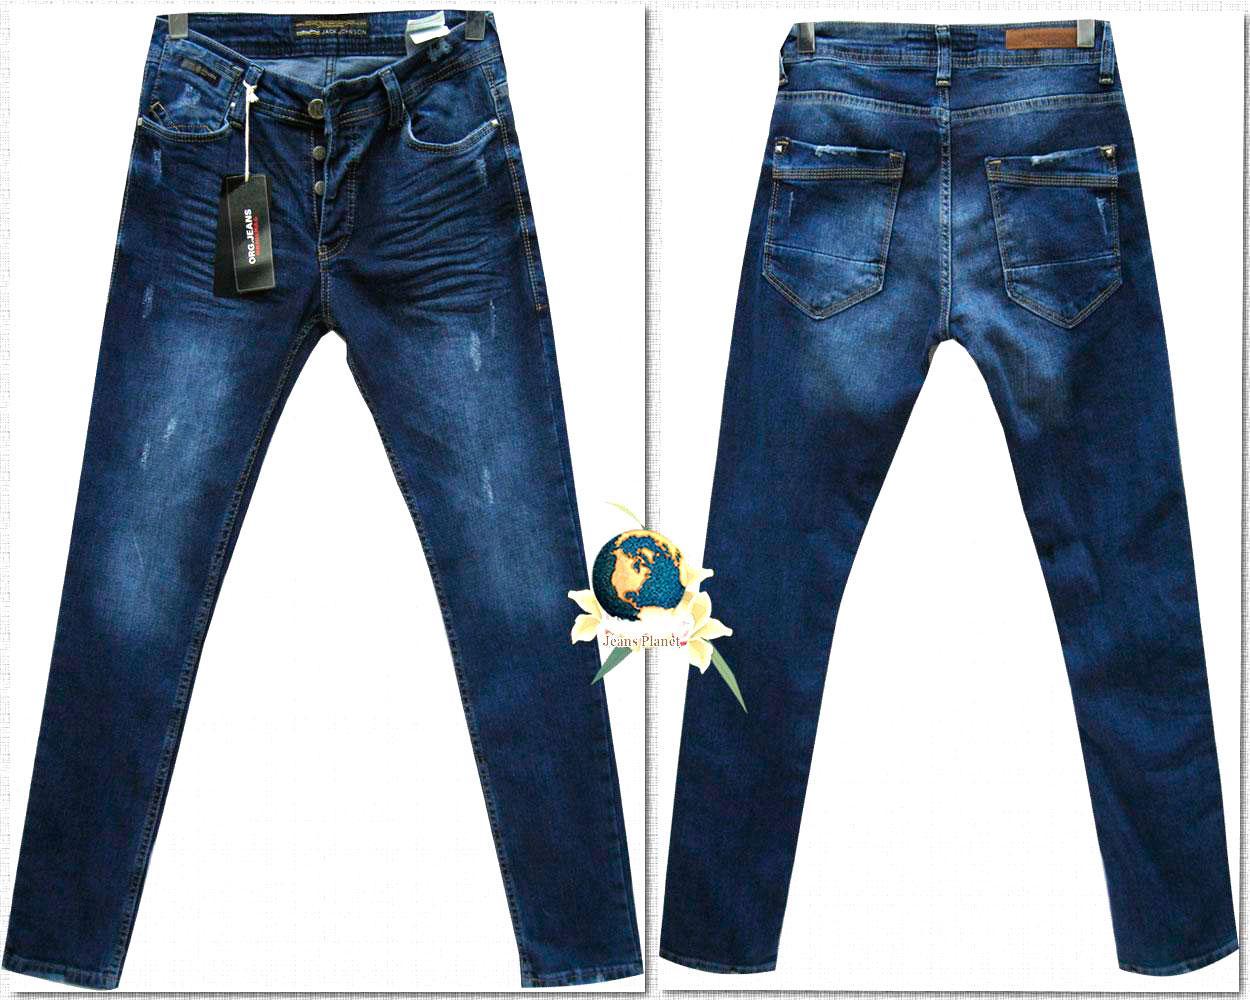 Джинсы мужские зауженные Slim Mario синего цвета Турция 29 размер